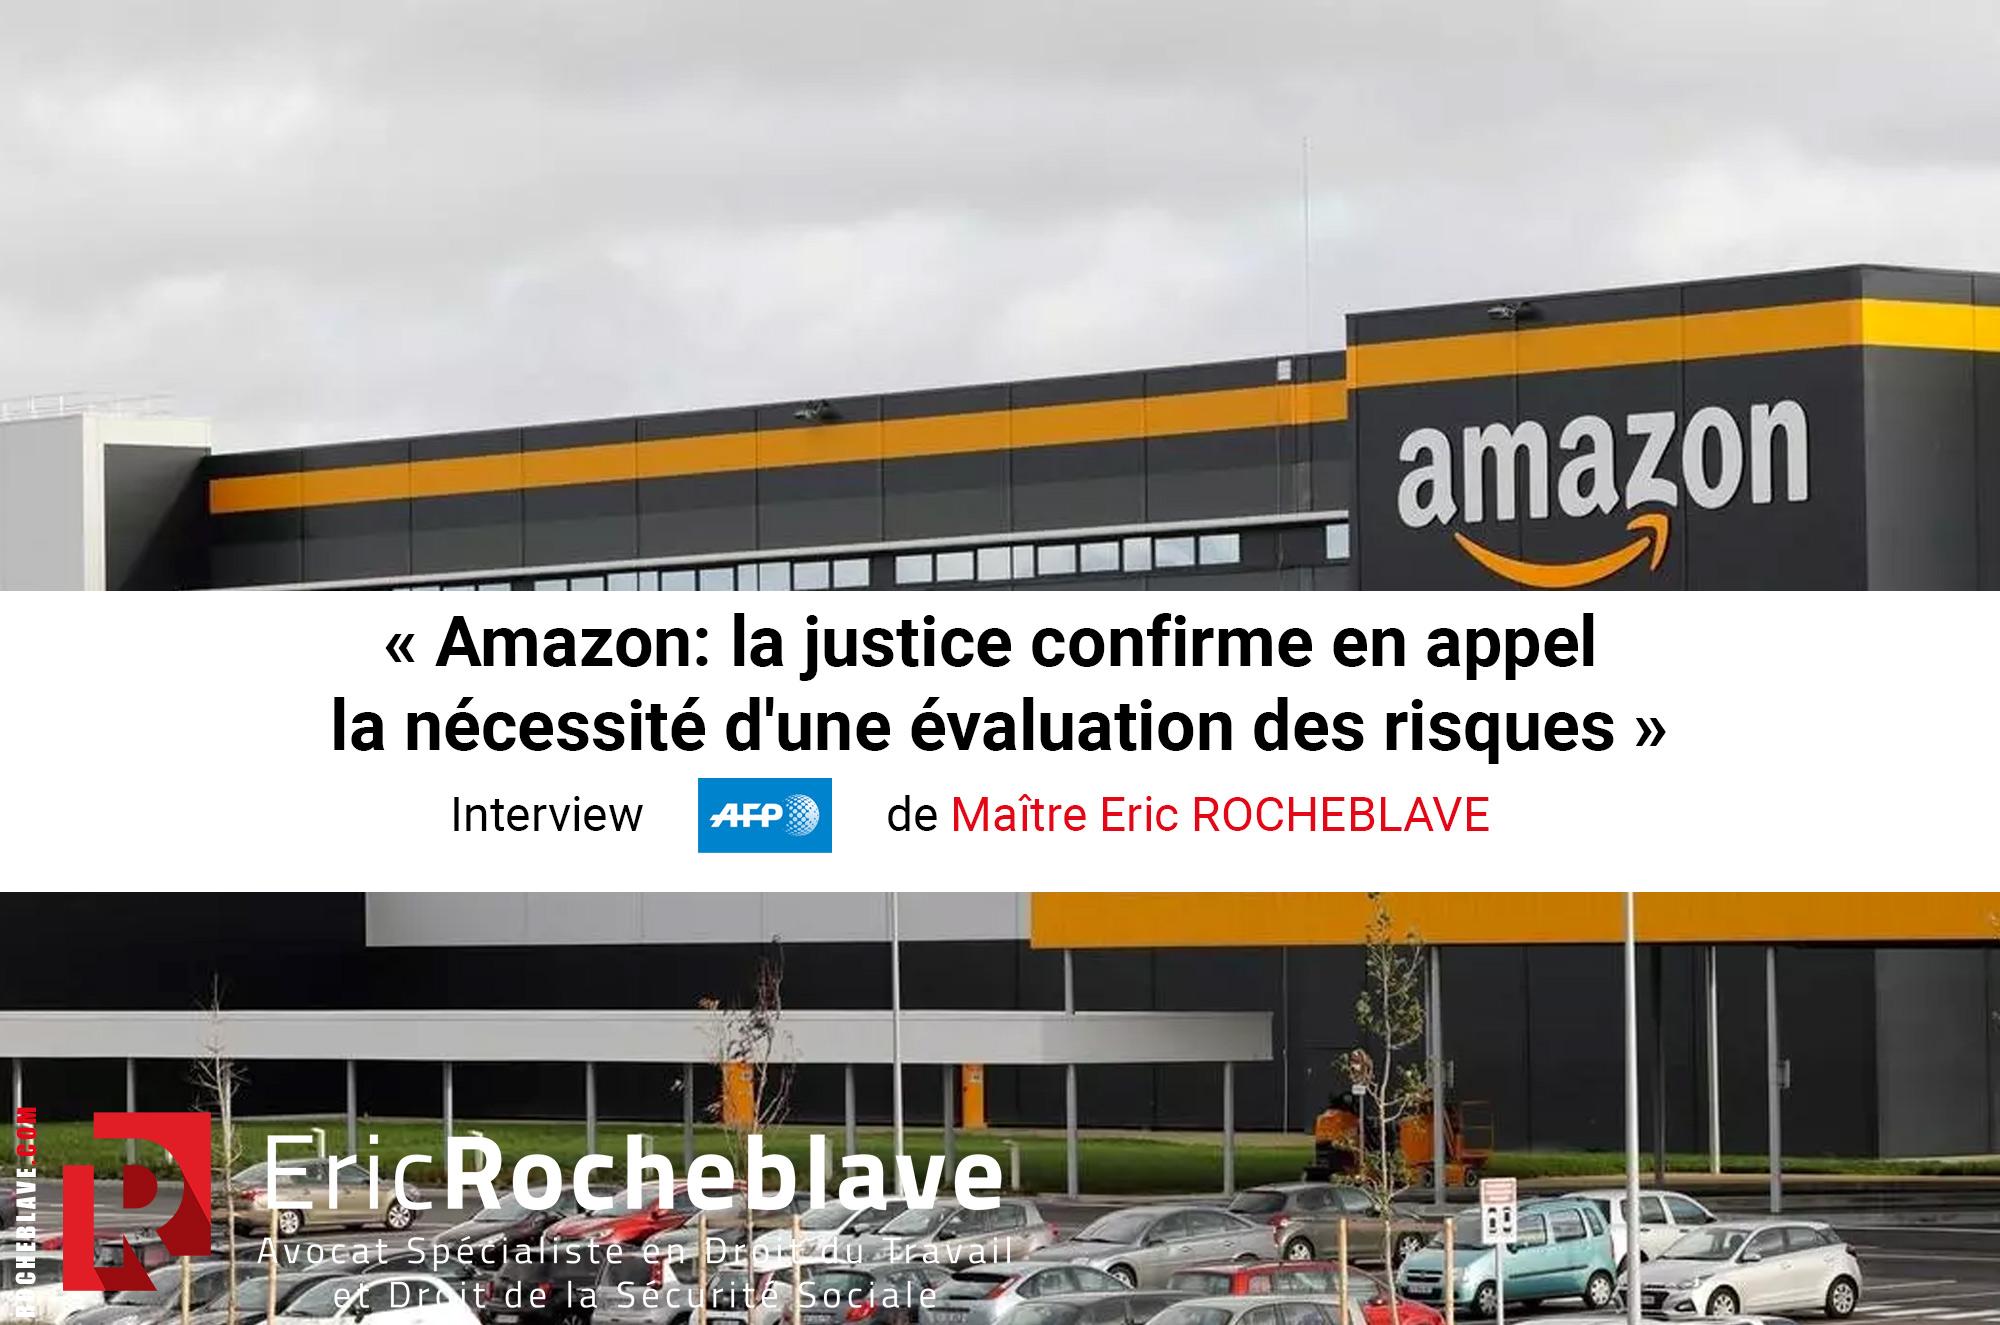 « Amazon: la justice confirme en appel la nécessité d'une évaluation des risques » Interview AFP de Maître Eric ROCHEBLAVE